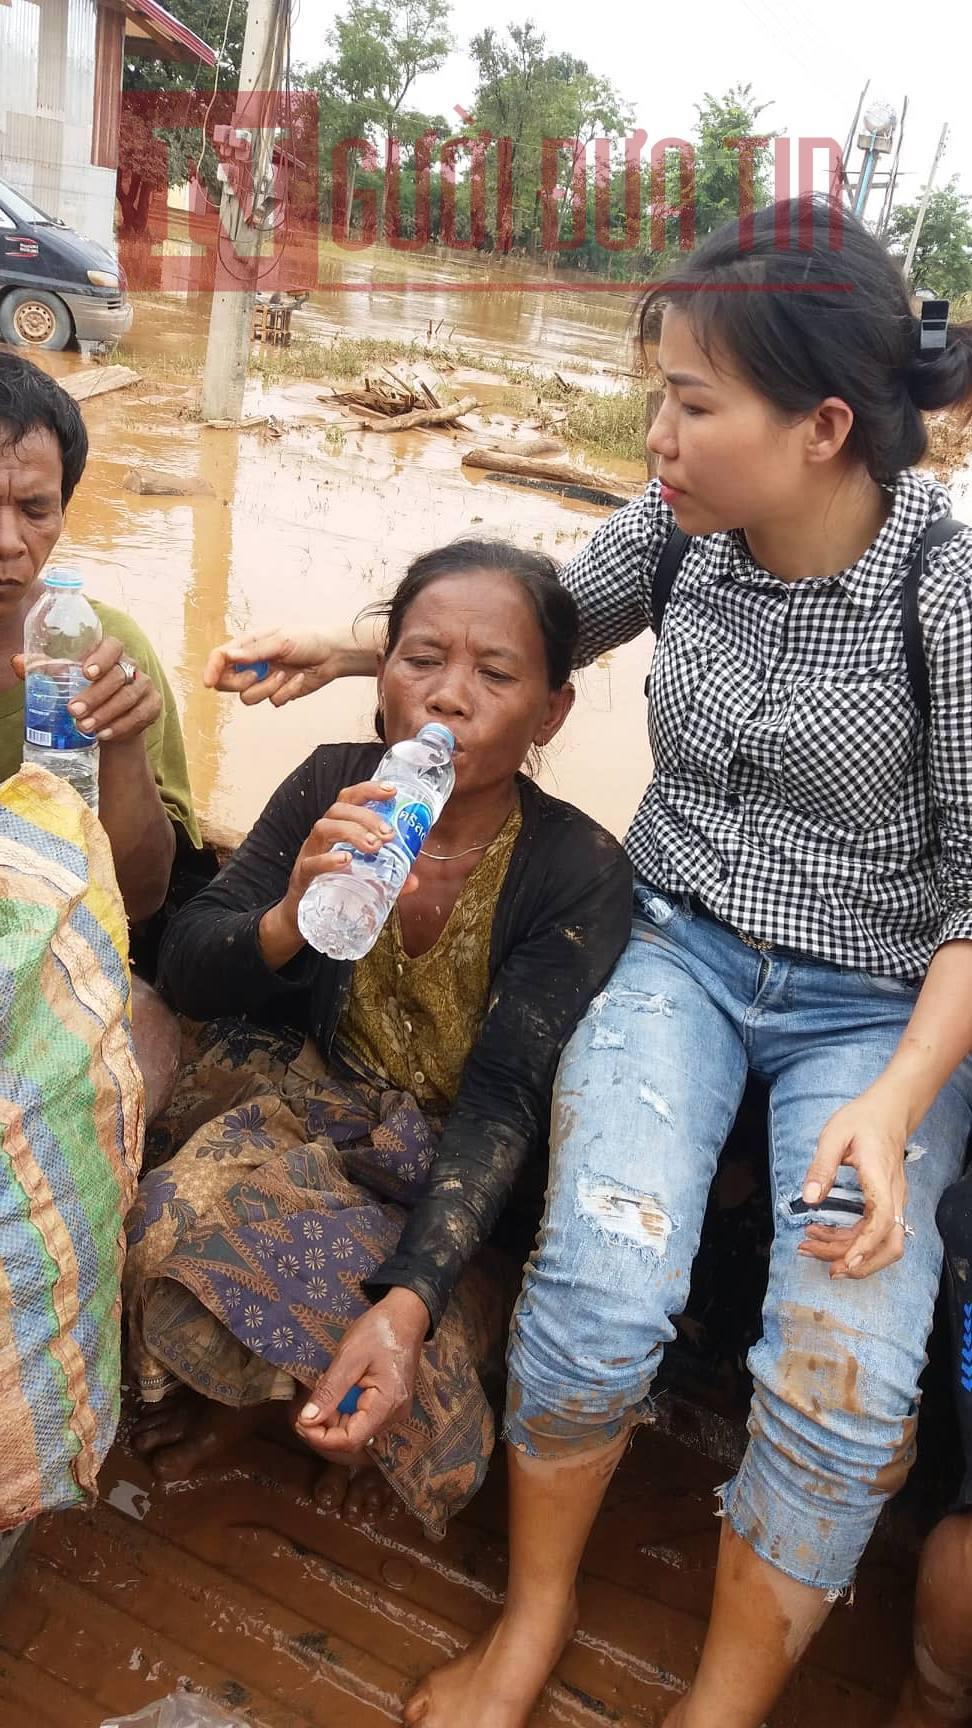 Vỡ đập thủy điện Lào: Cận cảnh công tác cứu hộ tại nơi cơn lũ vừa càn quét - Ảnh 5